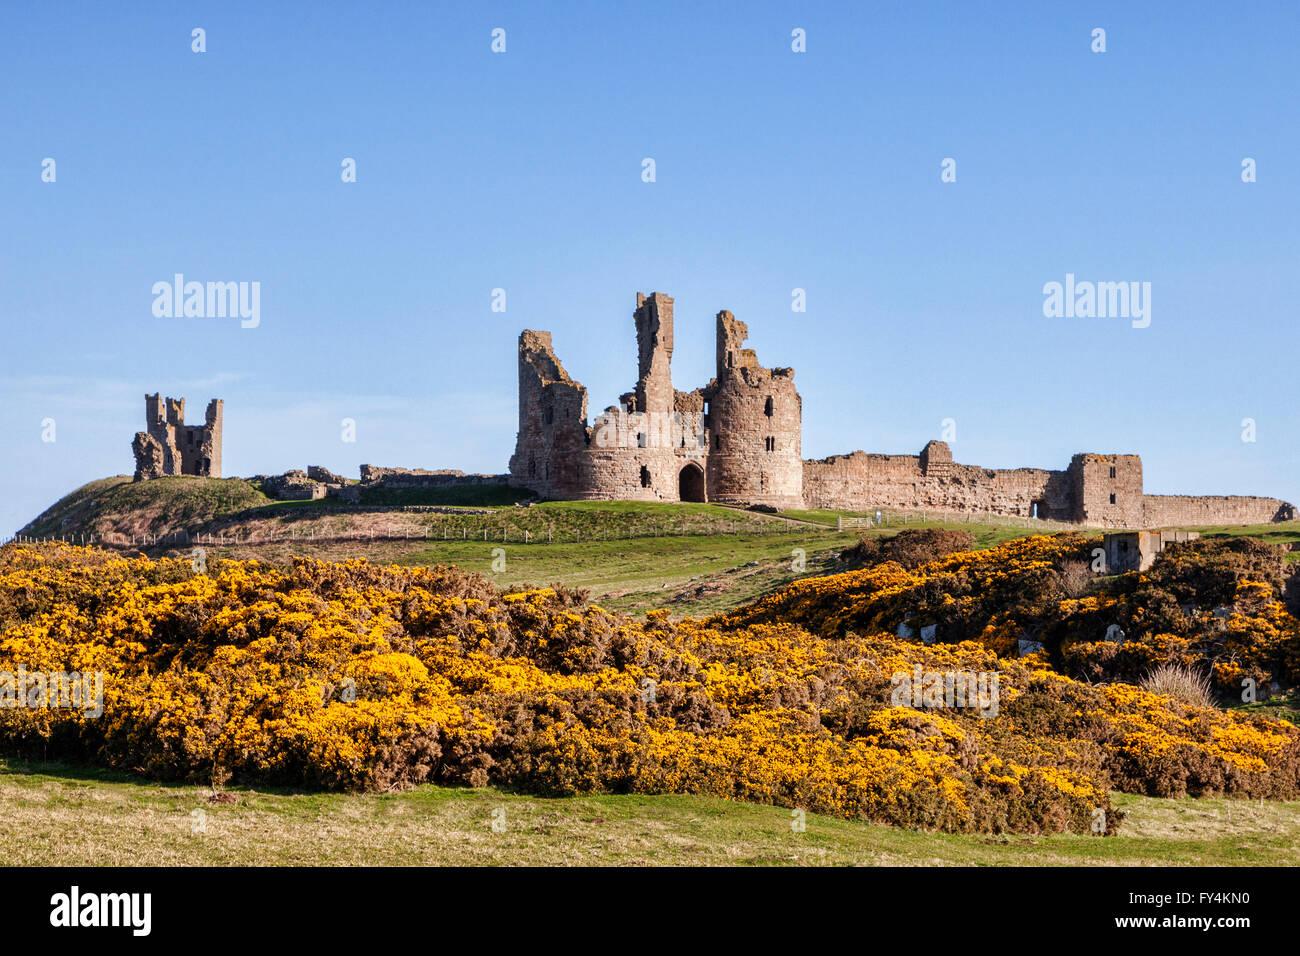 Il castello di Dunstanburgh in primavera, con giallo ginestre in fiore, Northumberland, England, Regno Unito Immagini Stock